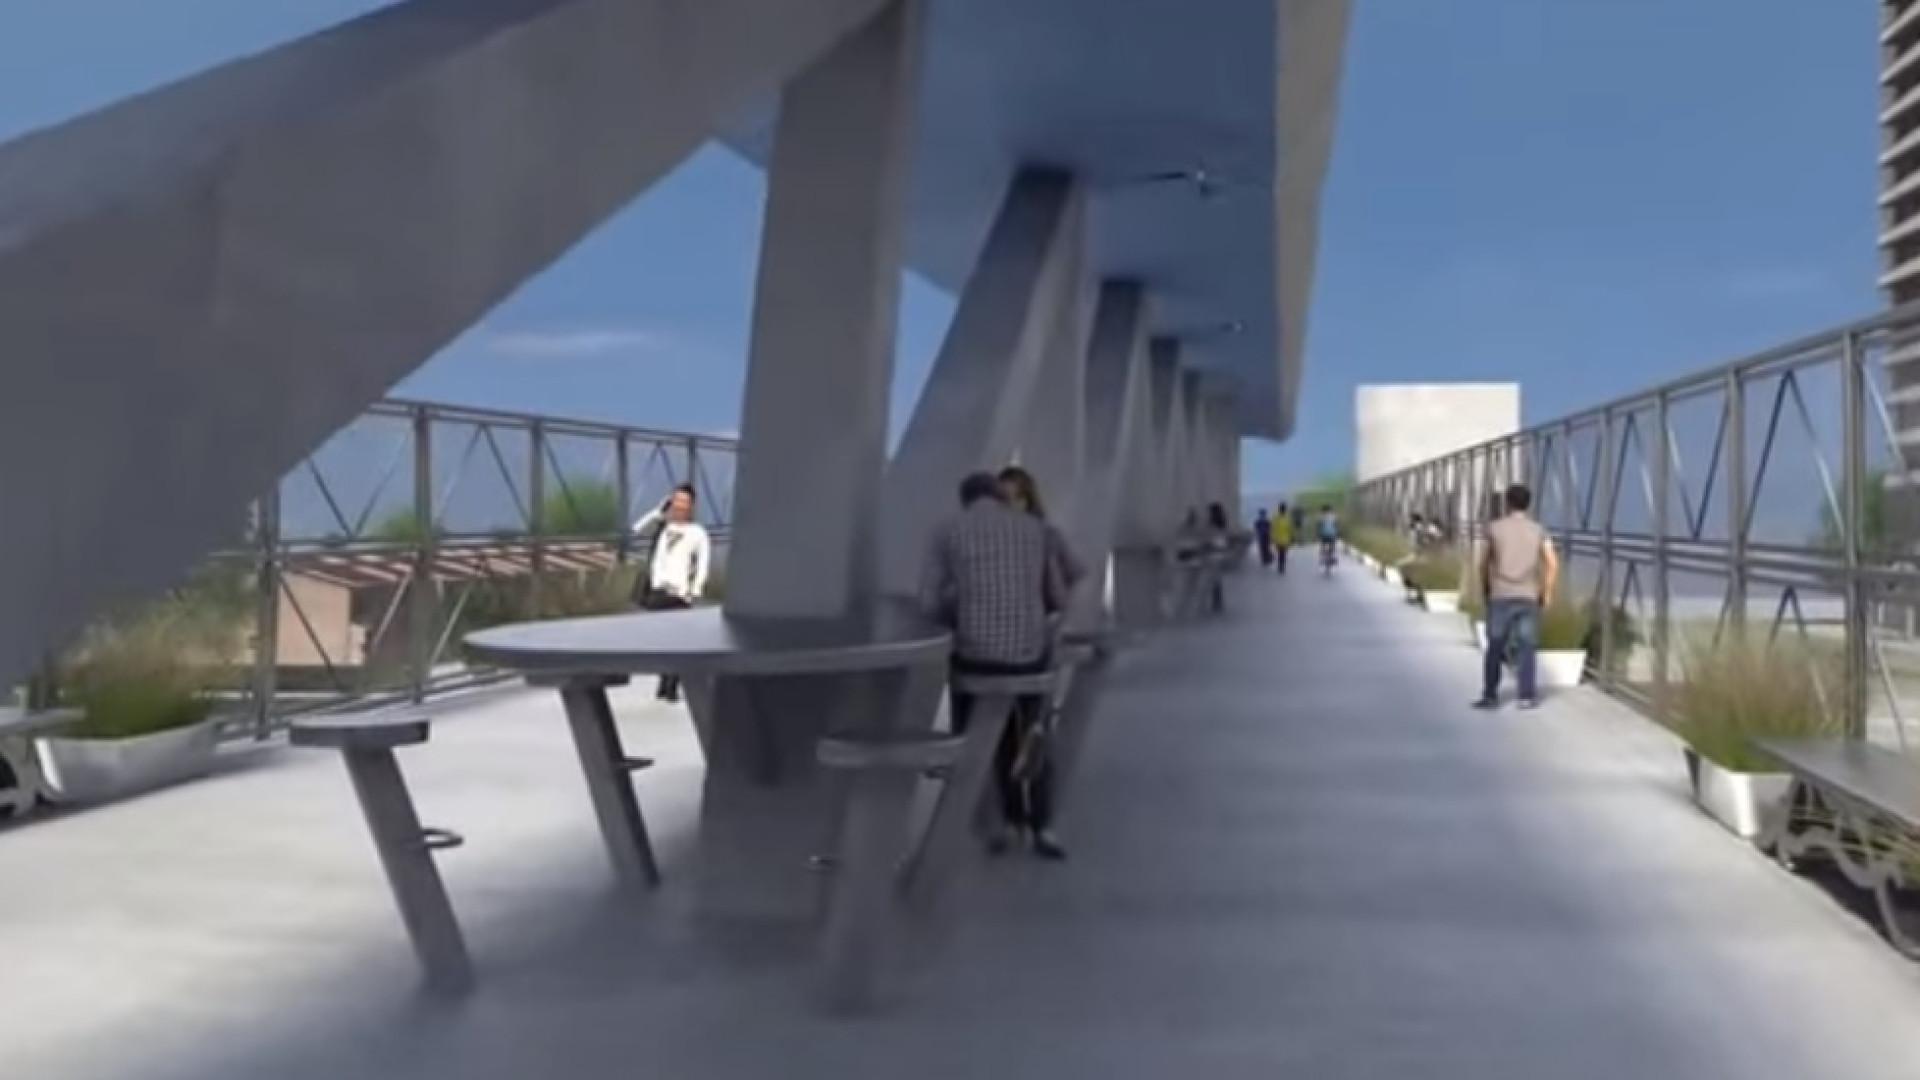 Ponte tinha sido projetada para dar passagem segura aos alunos